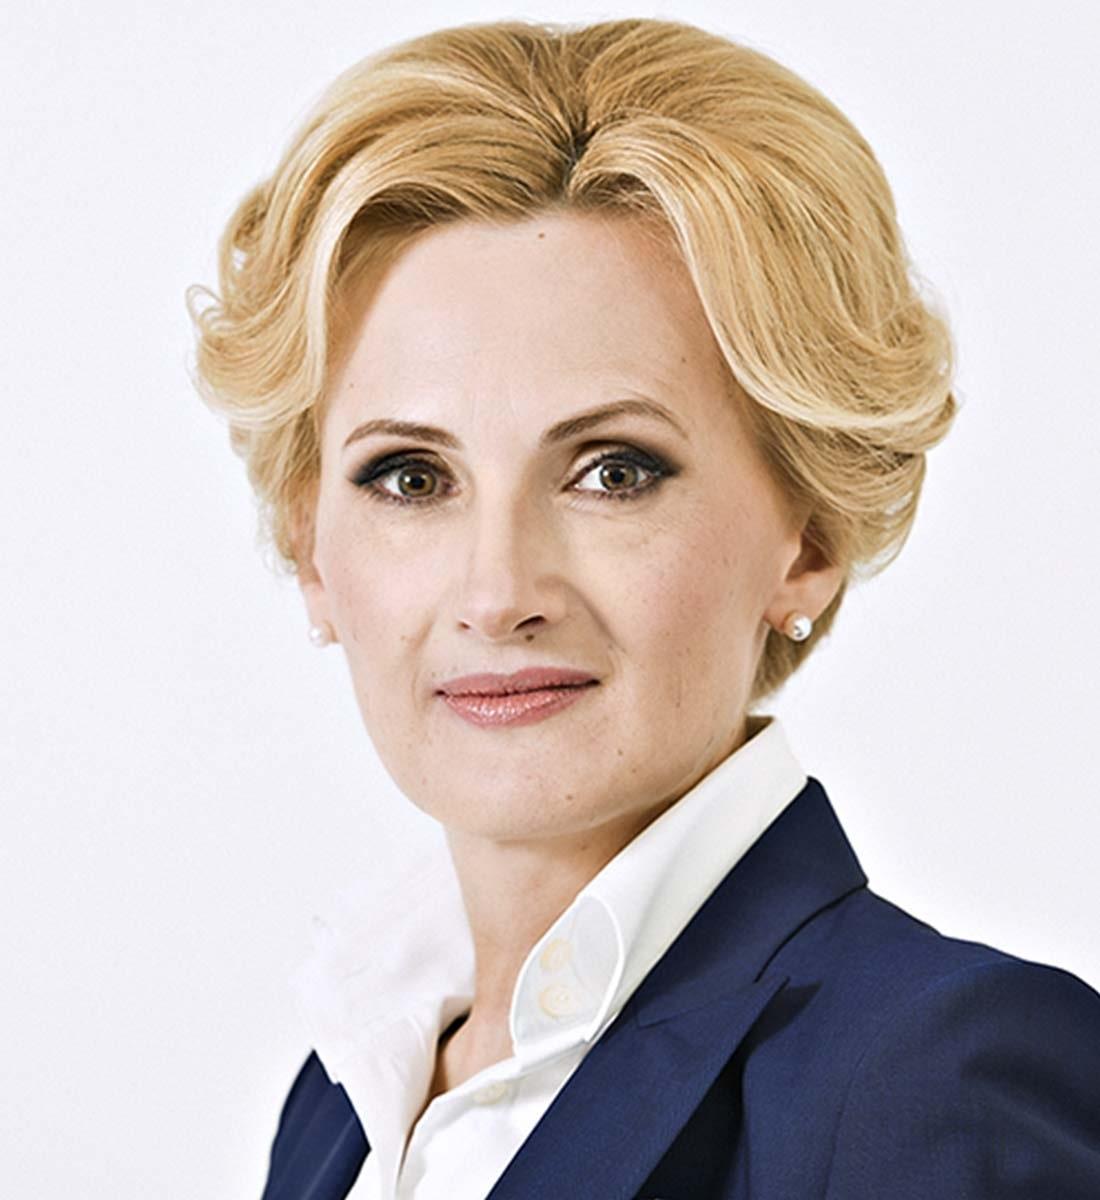 знаменитости весы женщины Ирина Яровая